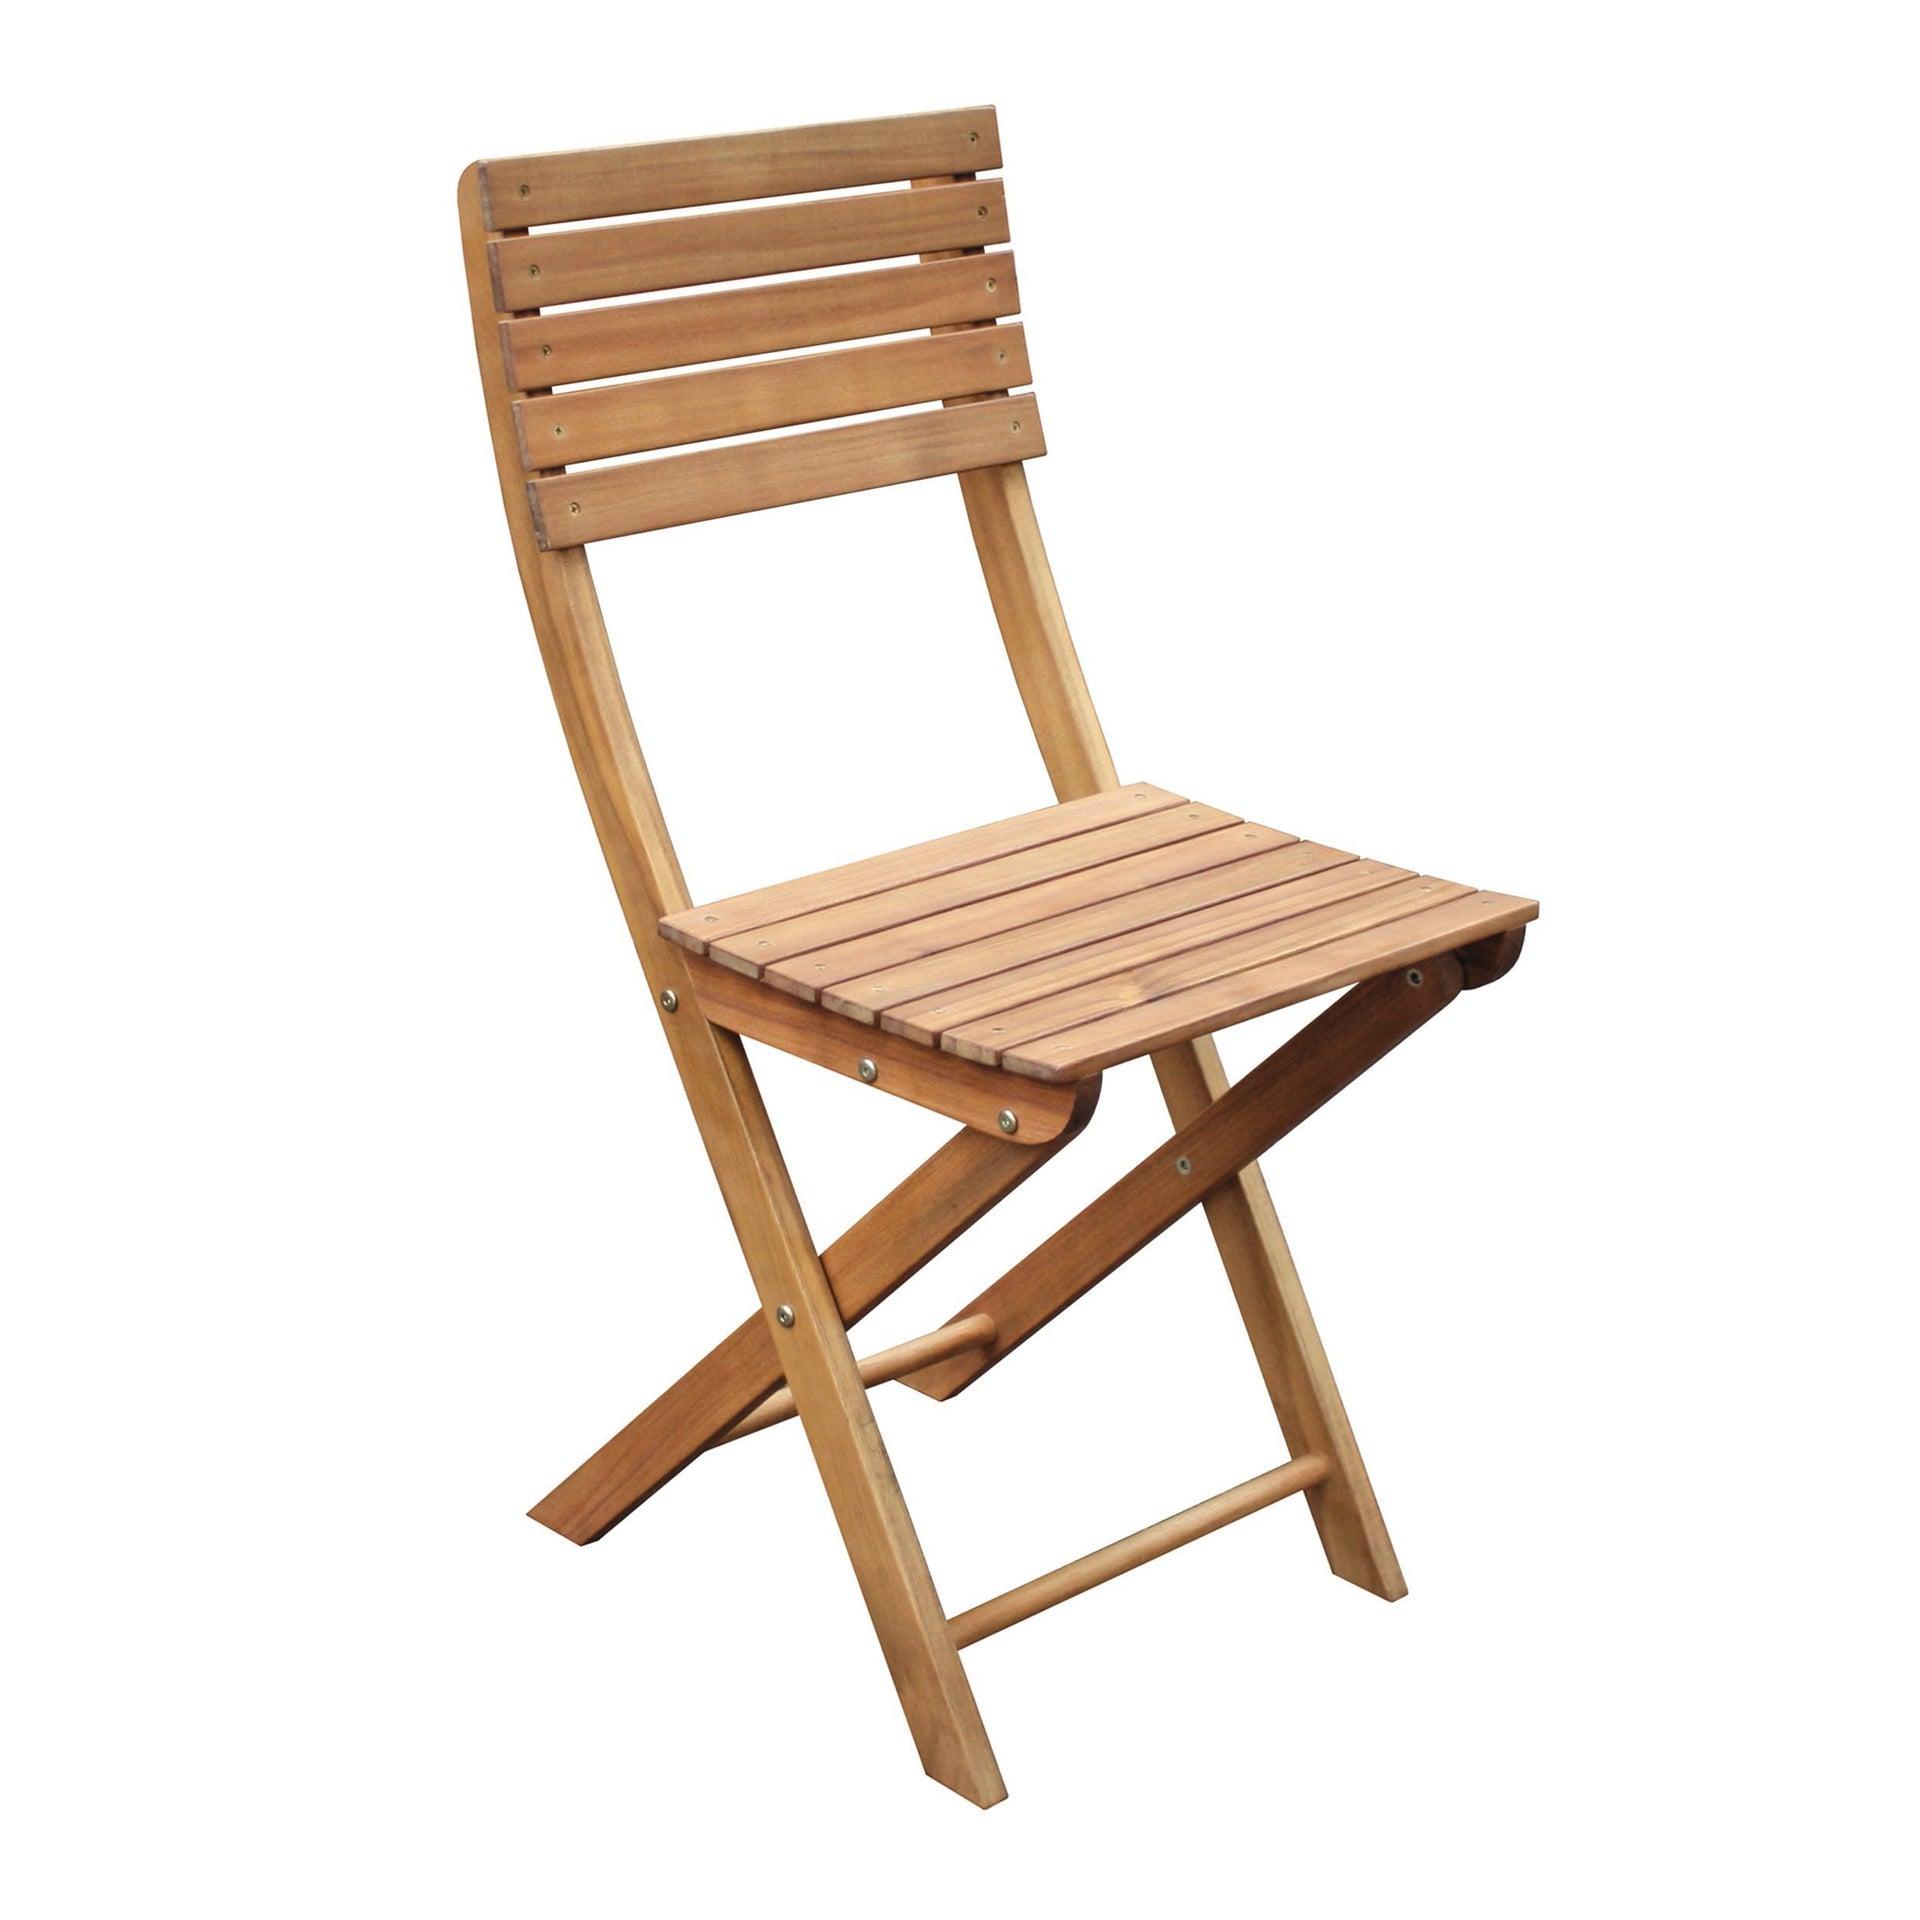 Sedia da giardino senza cuscino pieghevole in legno Porto NATERIAL colore acacia